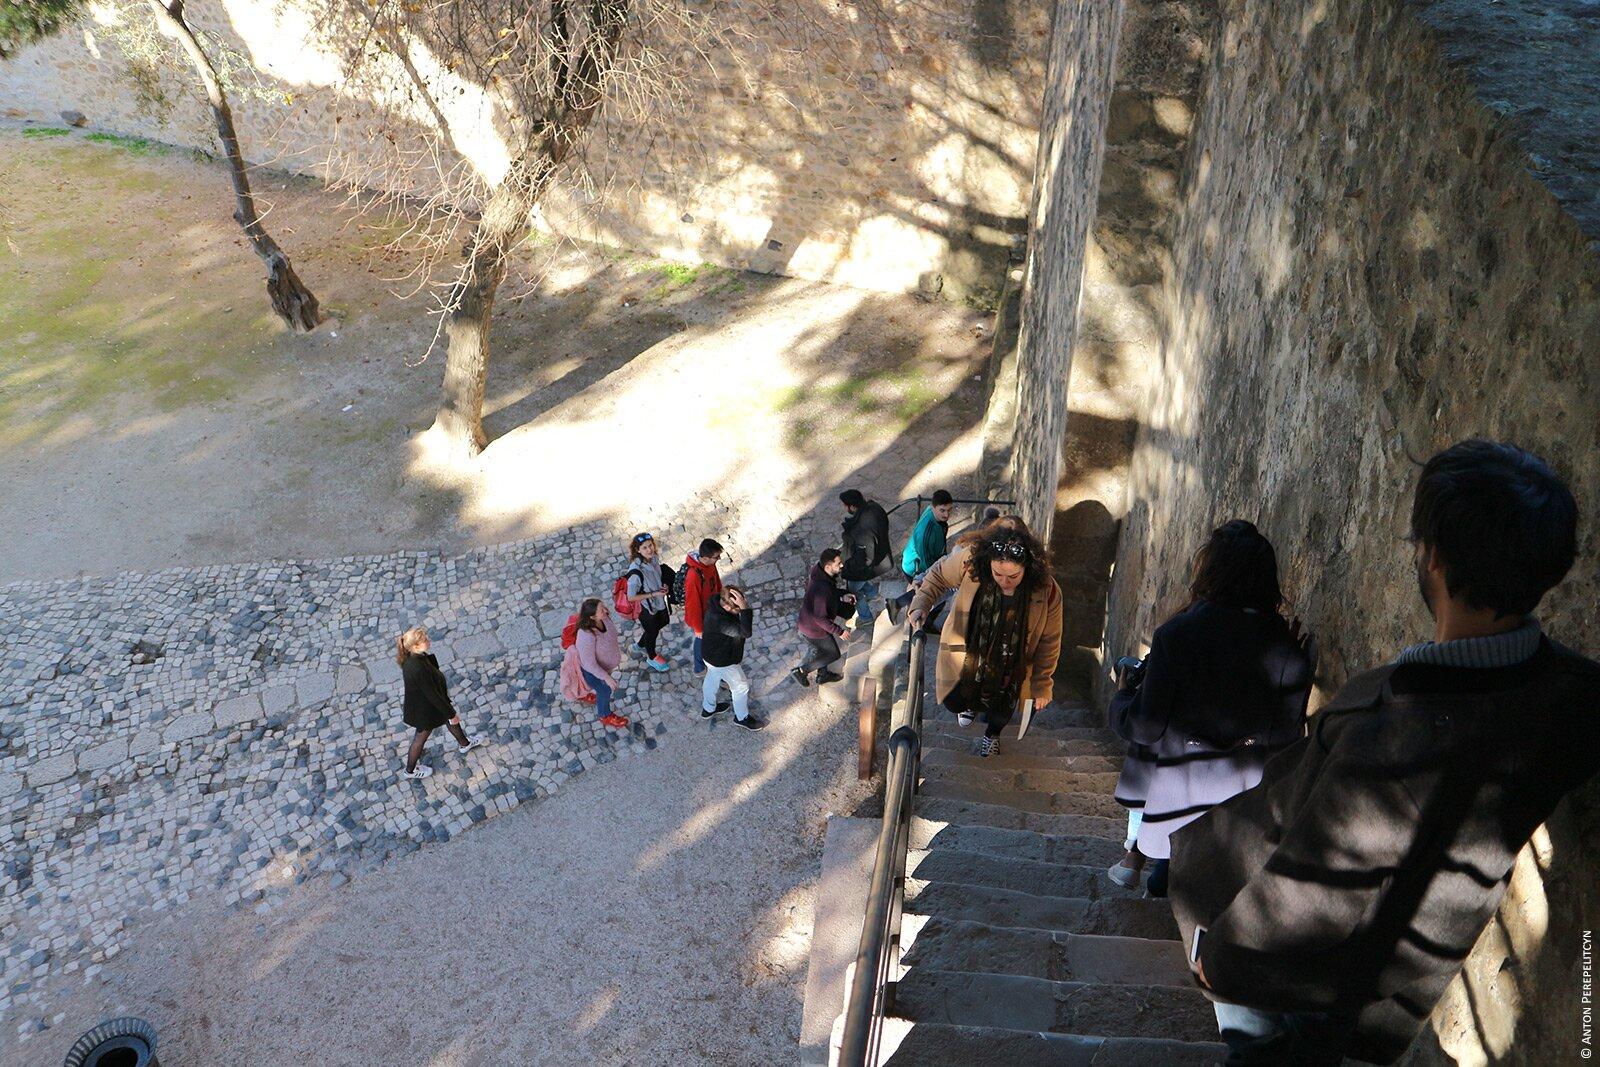 Стены замка в ЛПодъем на стены замка в Лиссабонеиссабоне